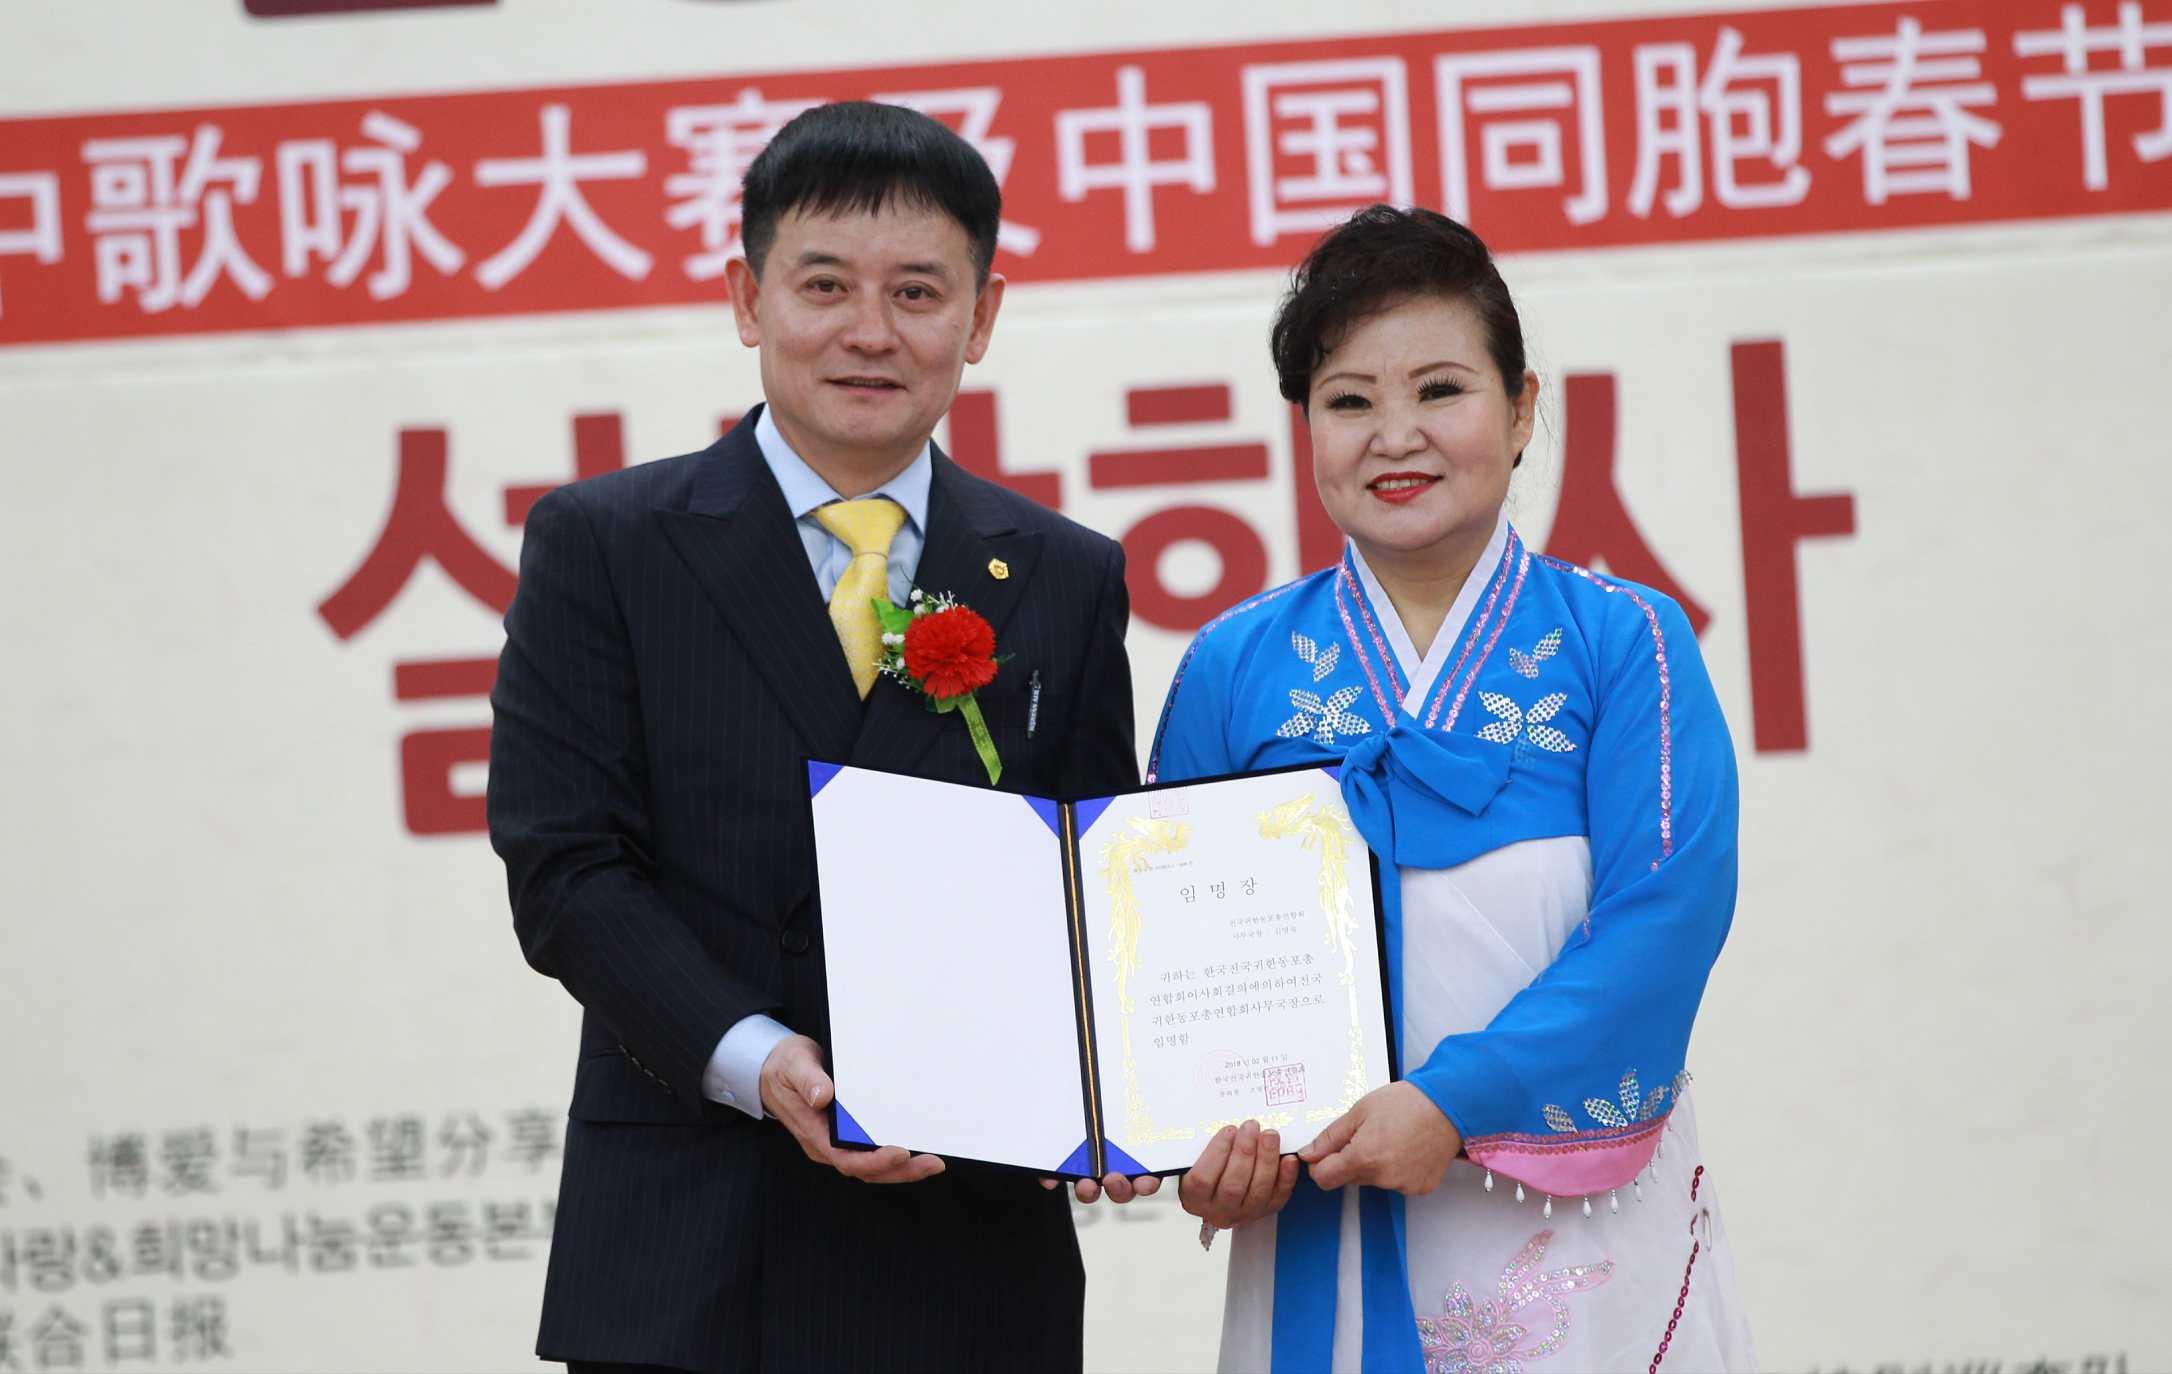 2018韩国华人华侨歌咏大赛暨春节联欢会在首尔九老区厅大礼堂举行